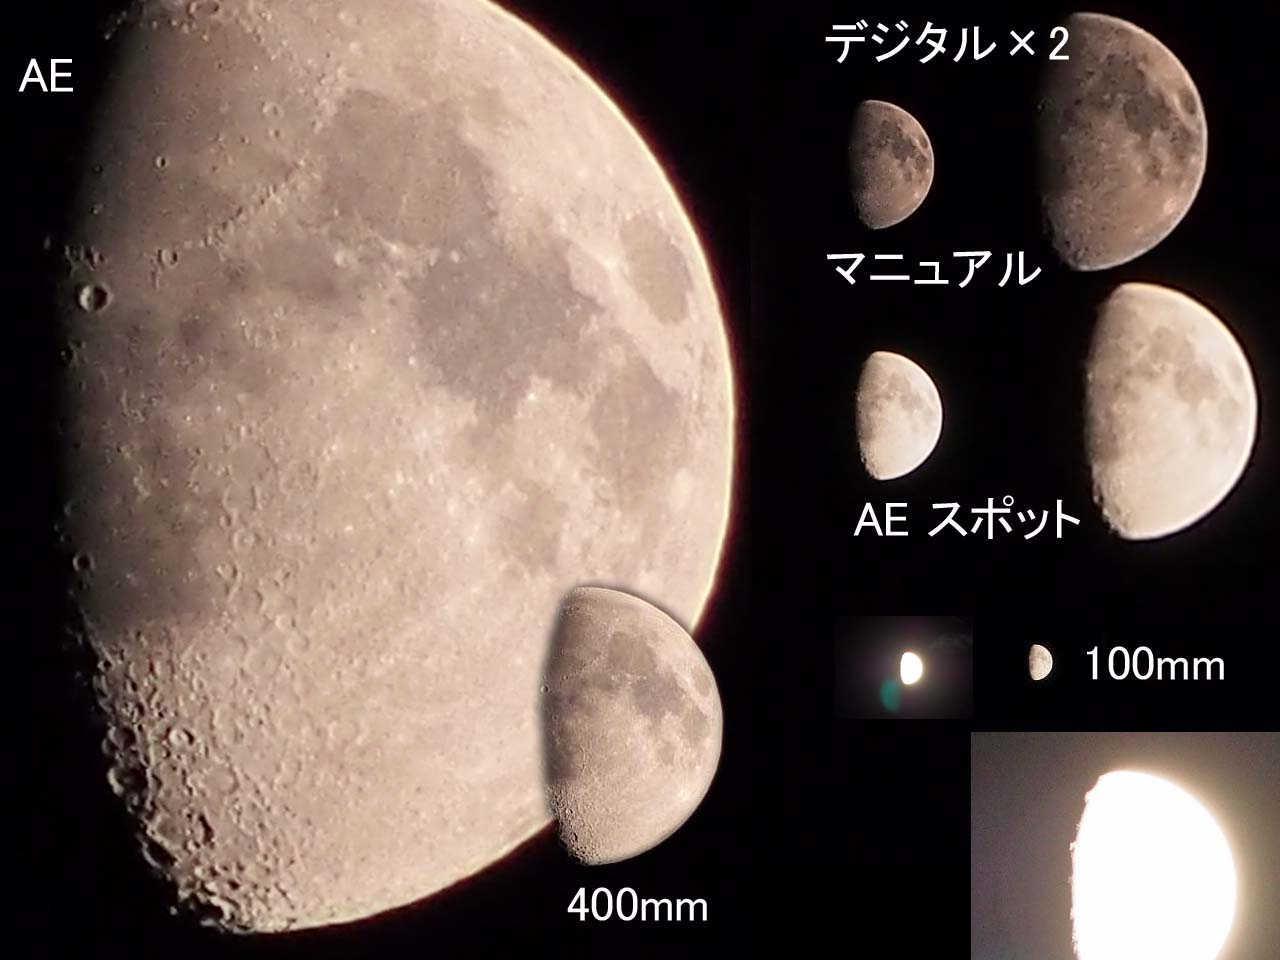 望遠レンズで月を撮る方法。